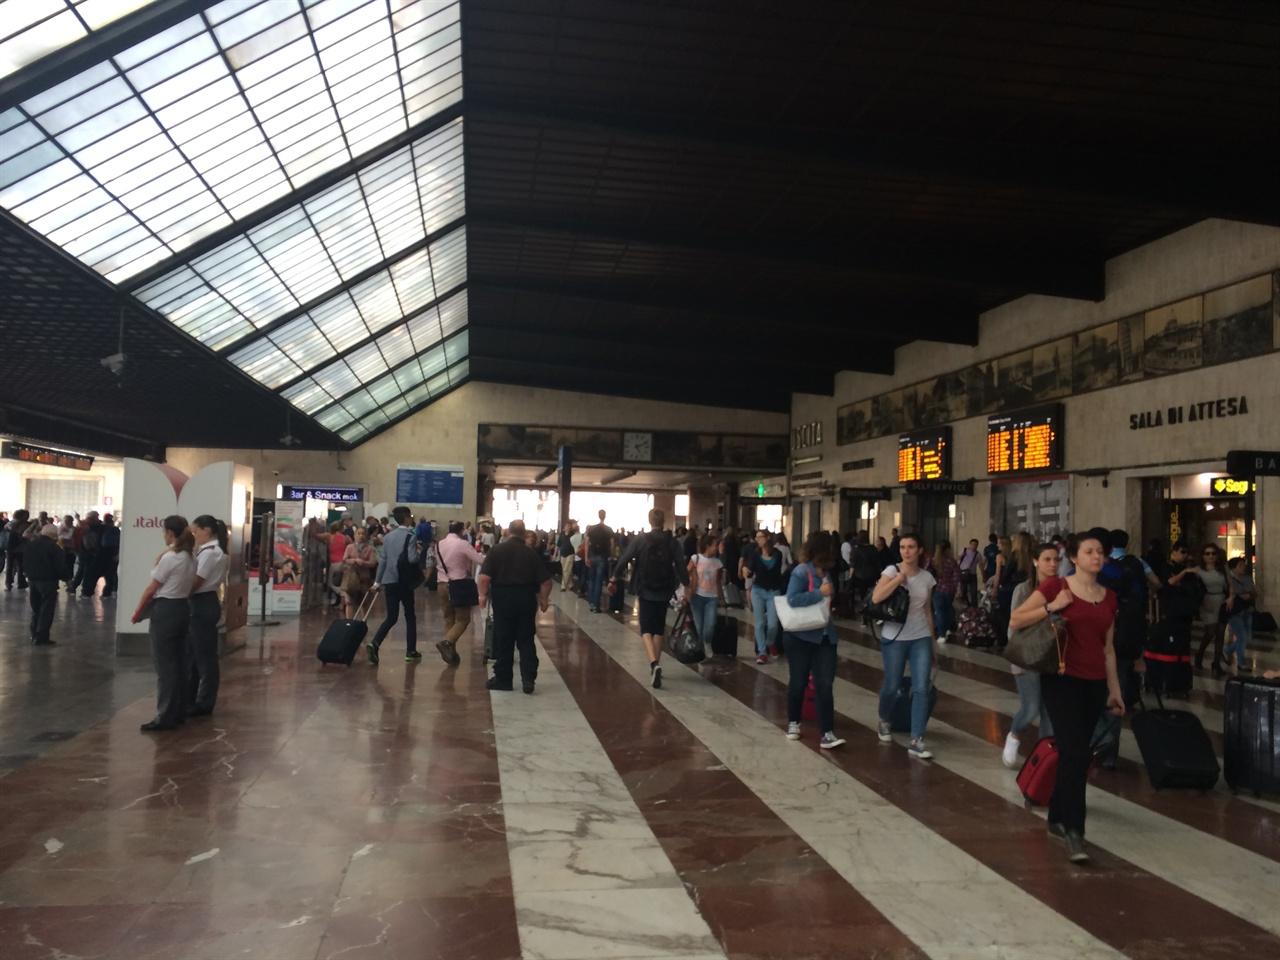 피렌체 산타 마리아 노벨라 기차역(2014년 6월 16일)    다섯 번에 걸친 피렌체 여행의 시작이었다. 기차역은 여행자에게 기대와 설렘, 그리고 약간의 불안감이 공존하는 곳이다.